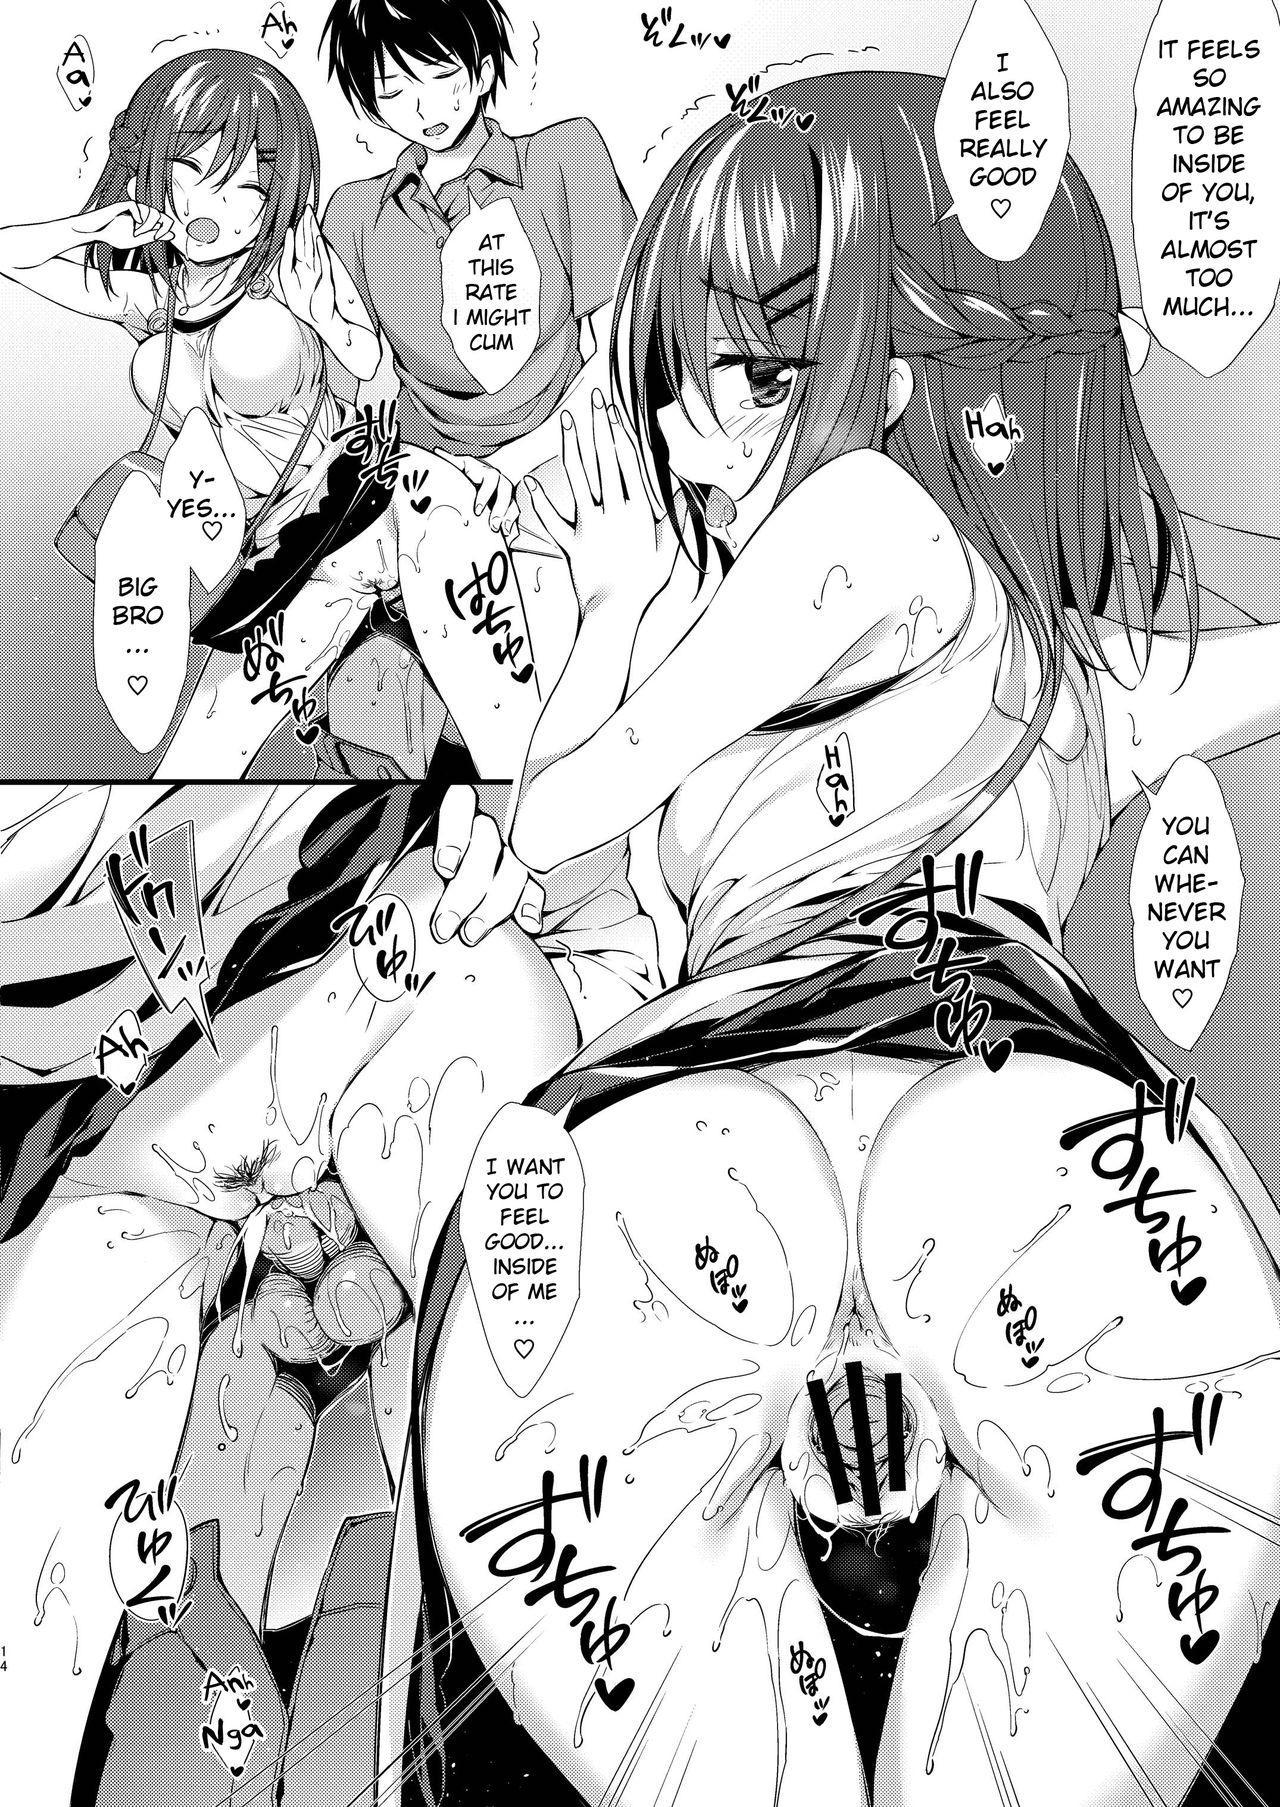 Watashi wa Onii-chan to Tsukiaitai. 12